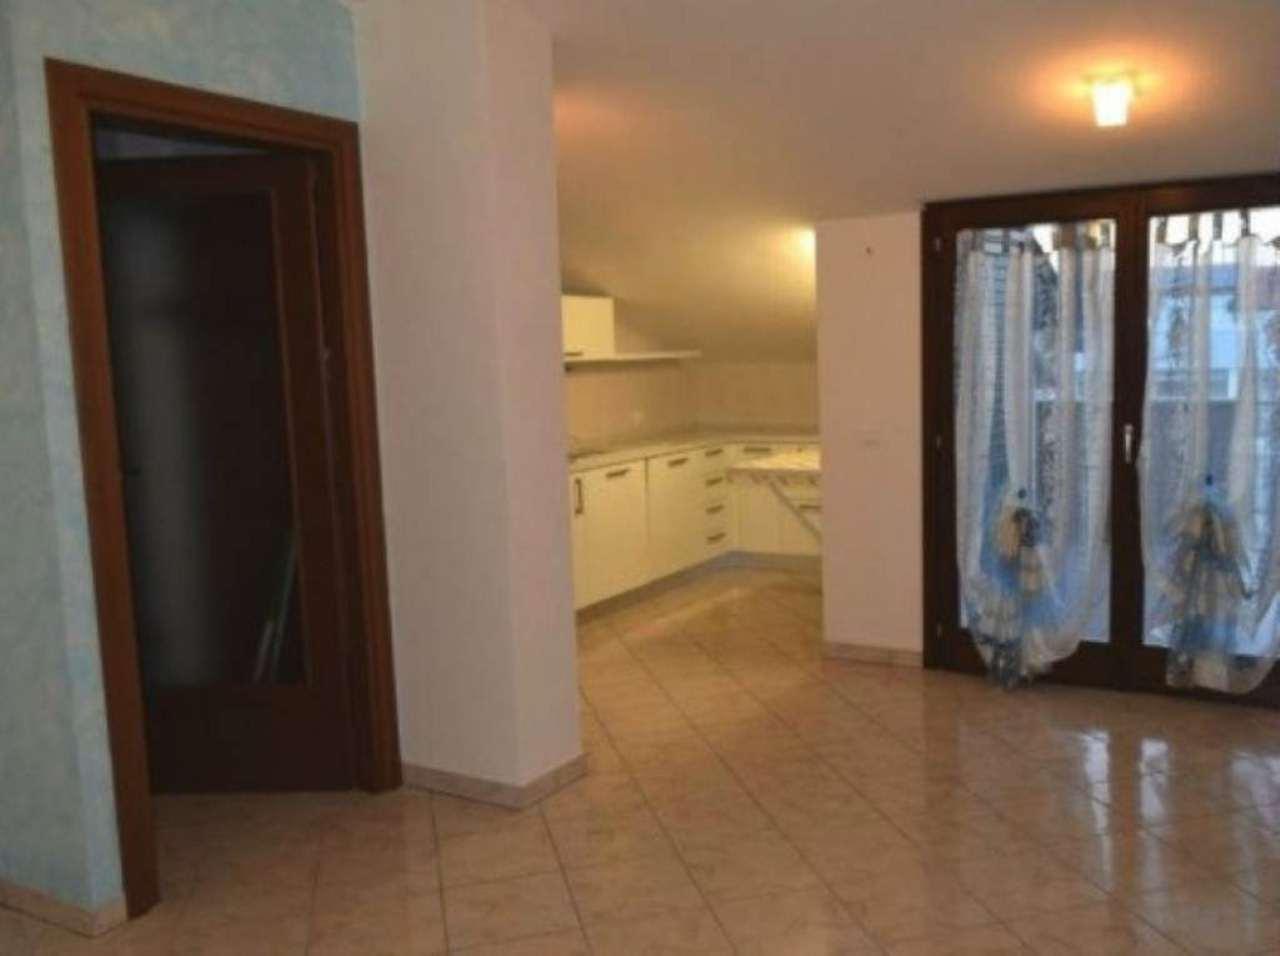 Attico / Mansarda in vendita a Tortoreto, 3 locali, prezzo € 140.000 | CambioCasa.it